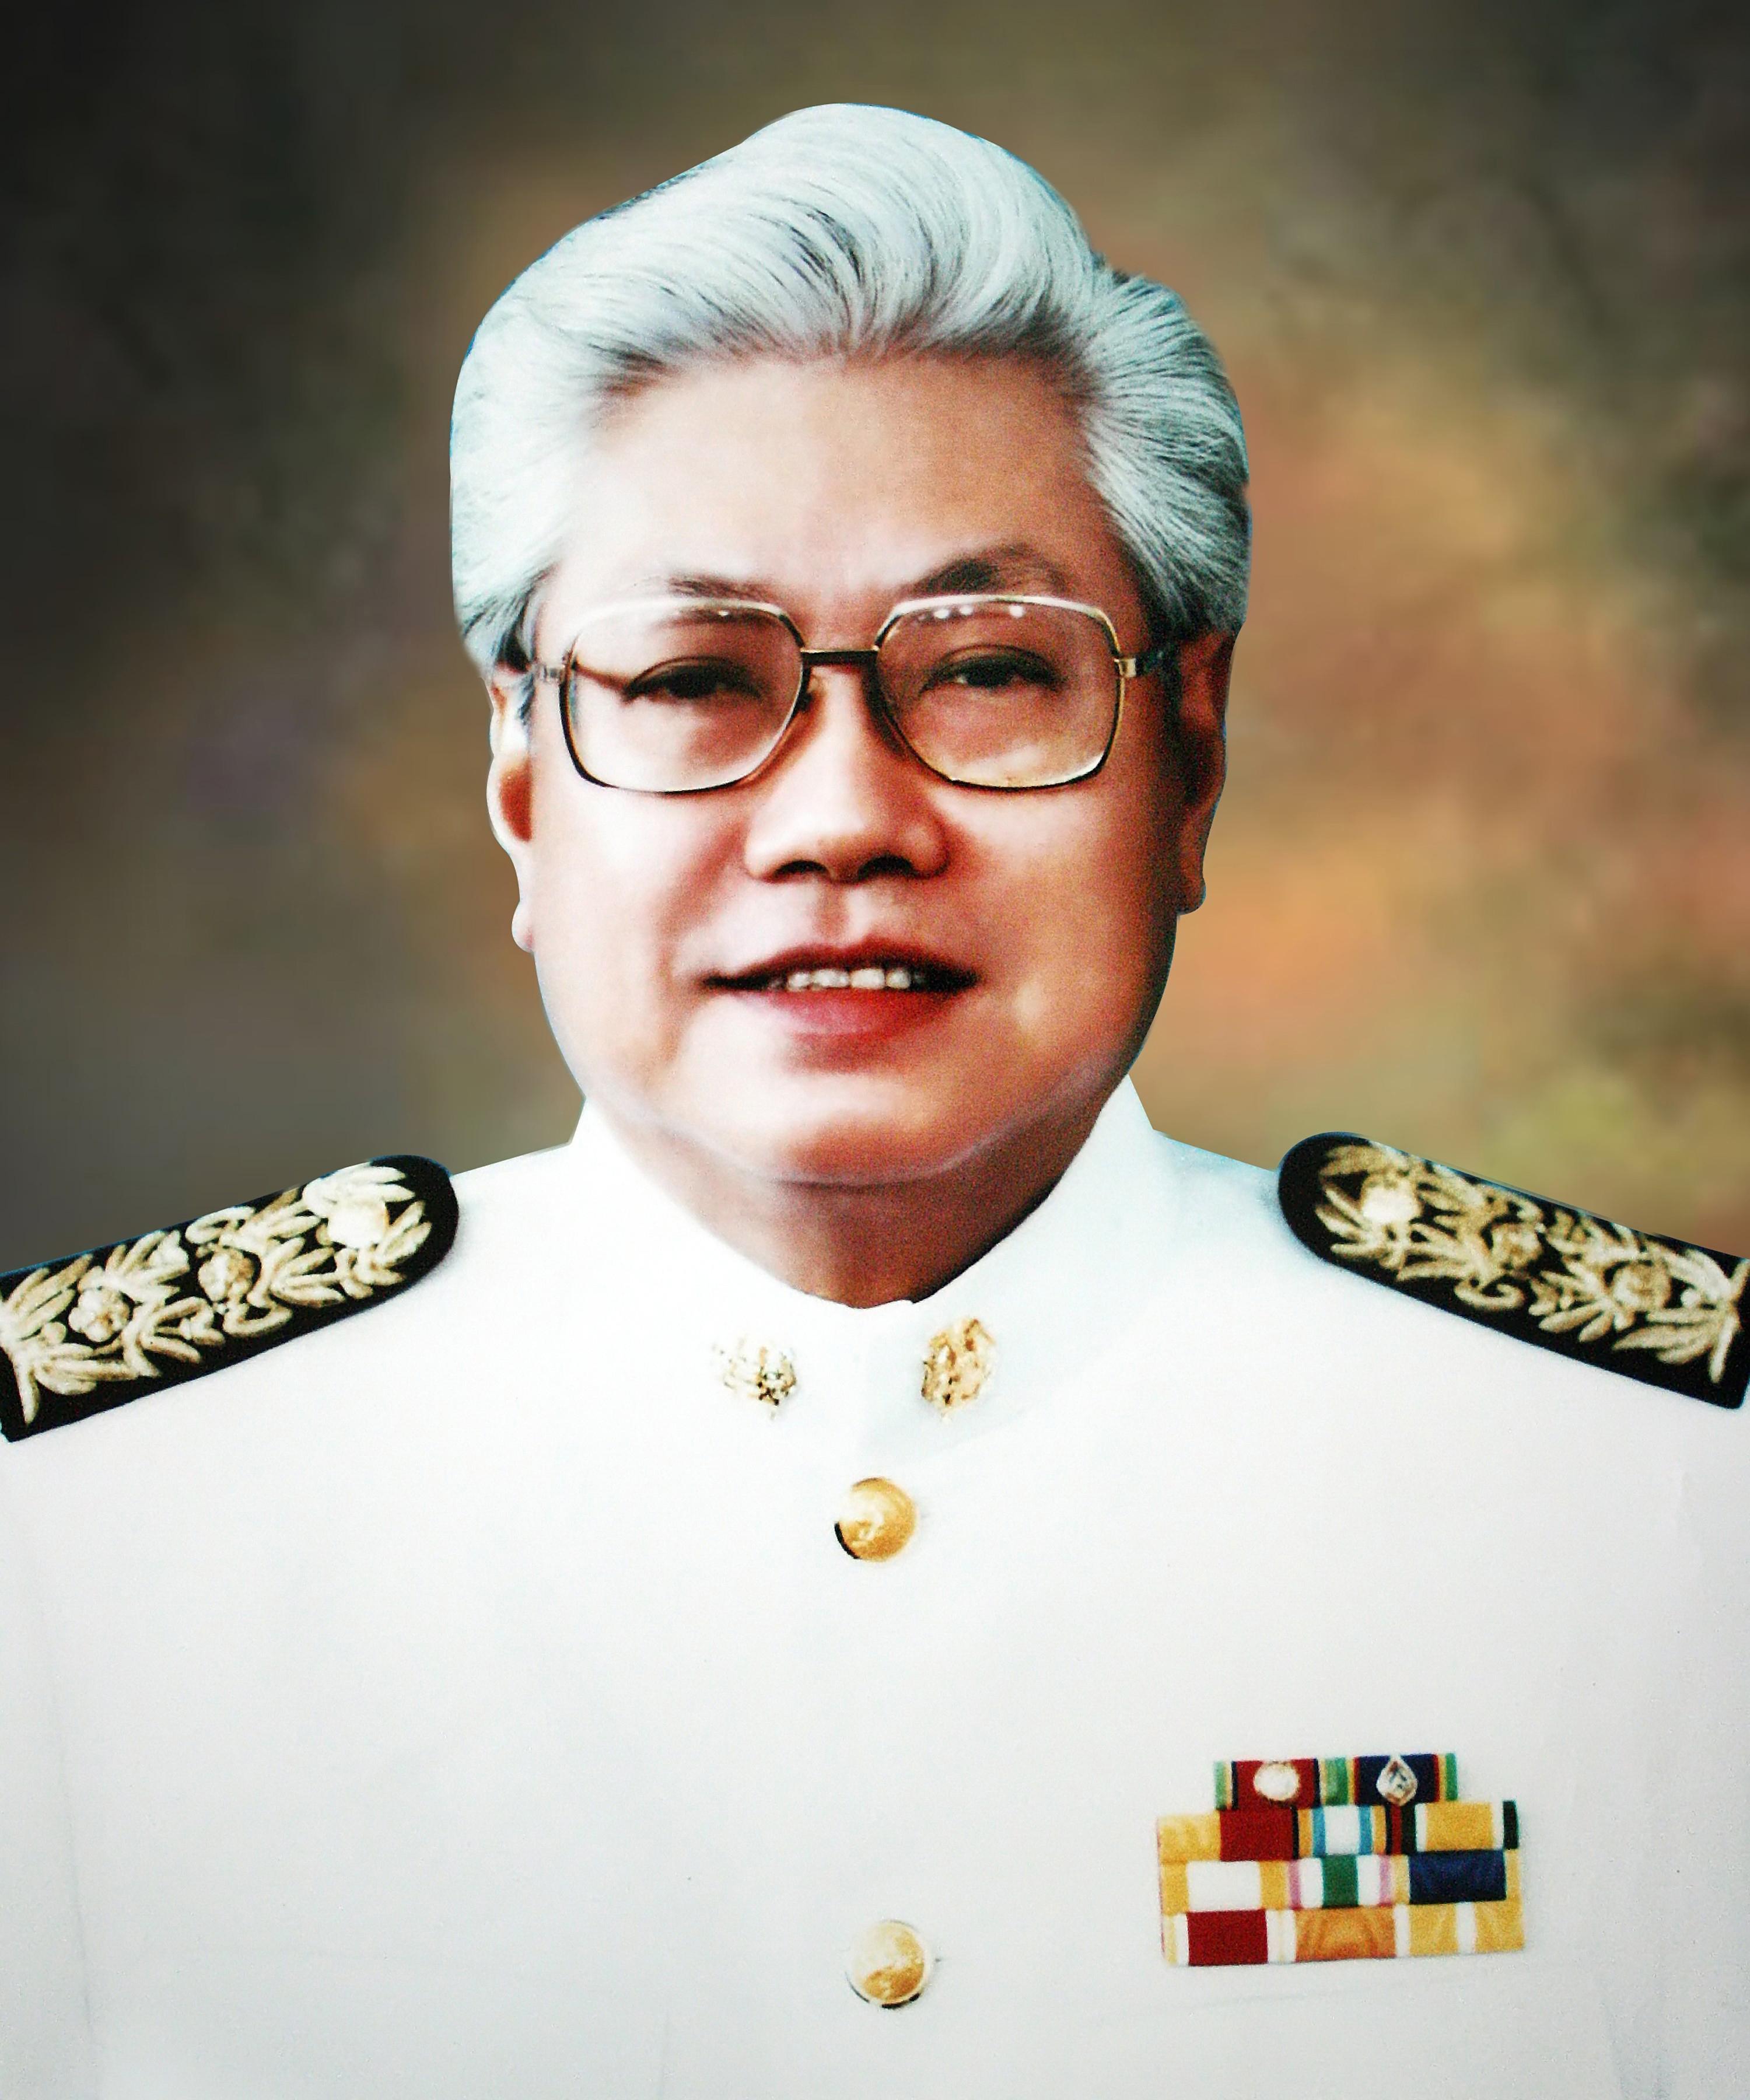 ดร.สม  จาตุศรีพิทักษ์